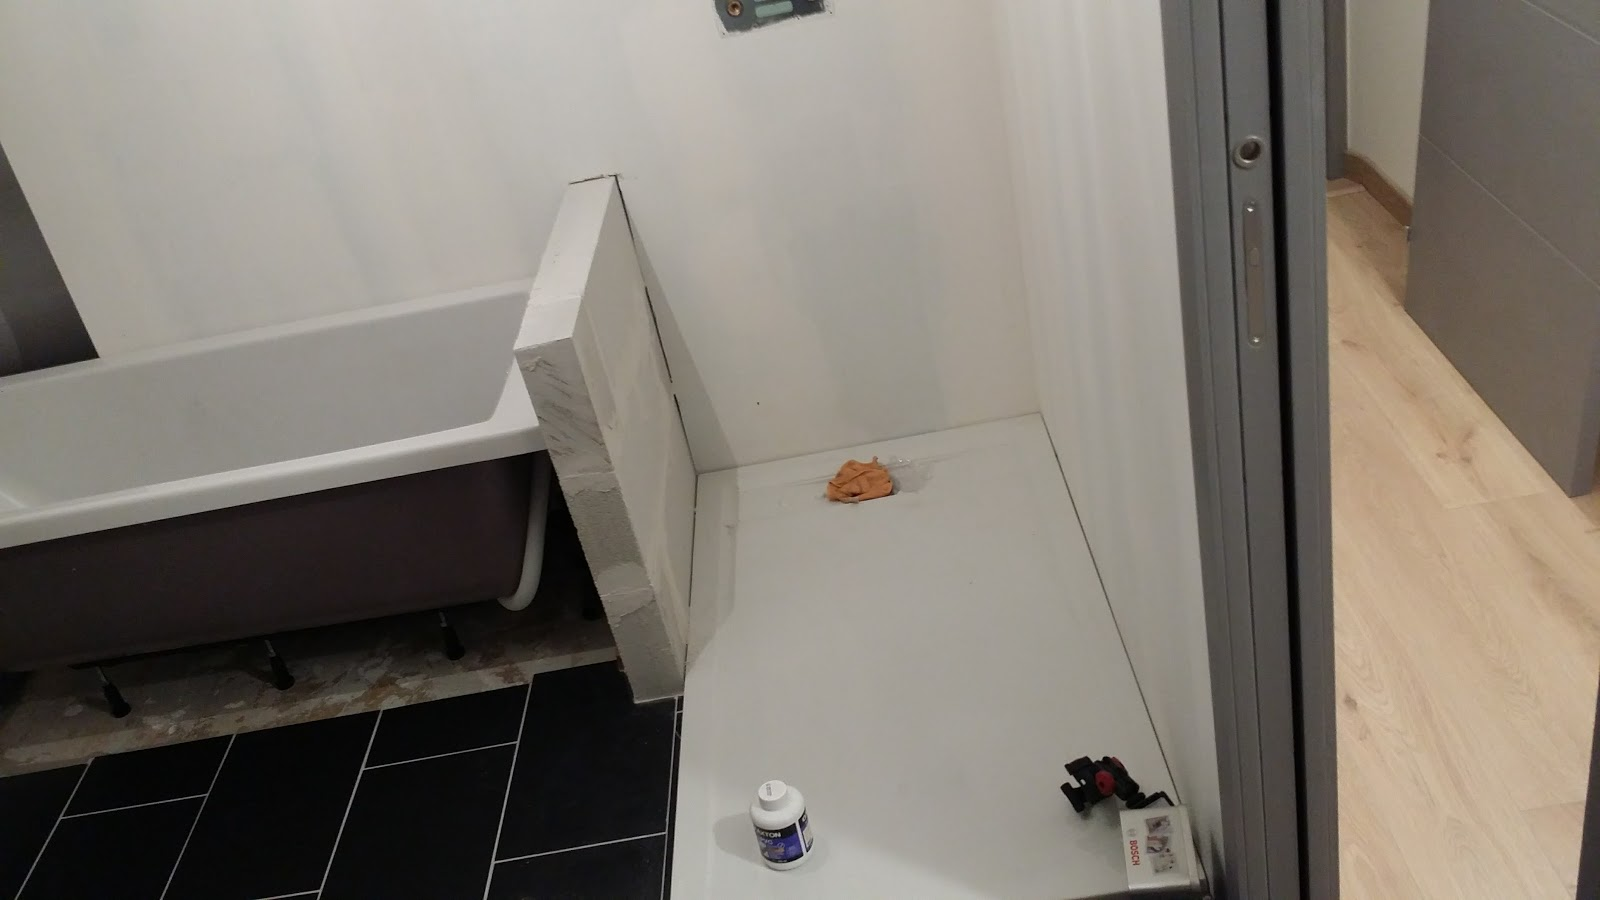 salle de bain montage du chauffe eau